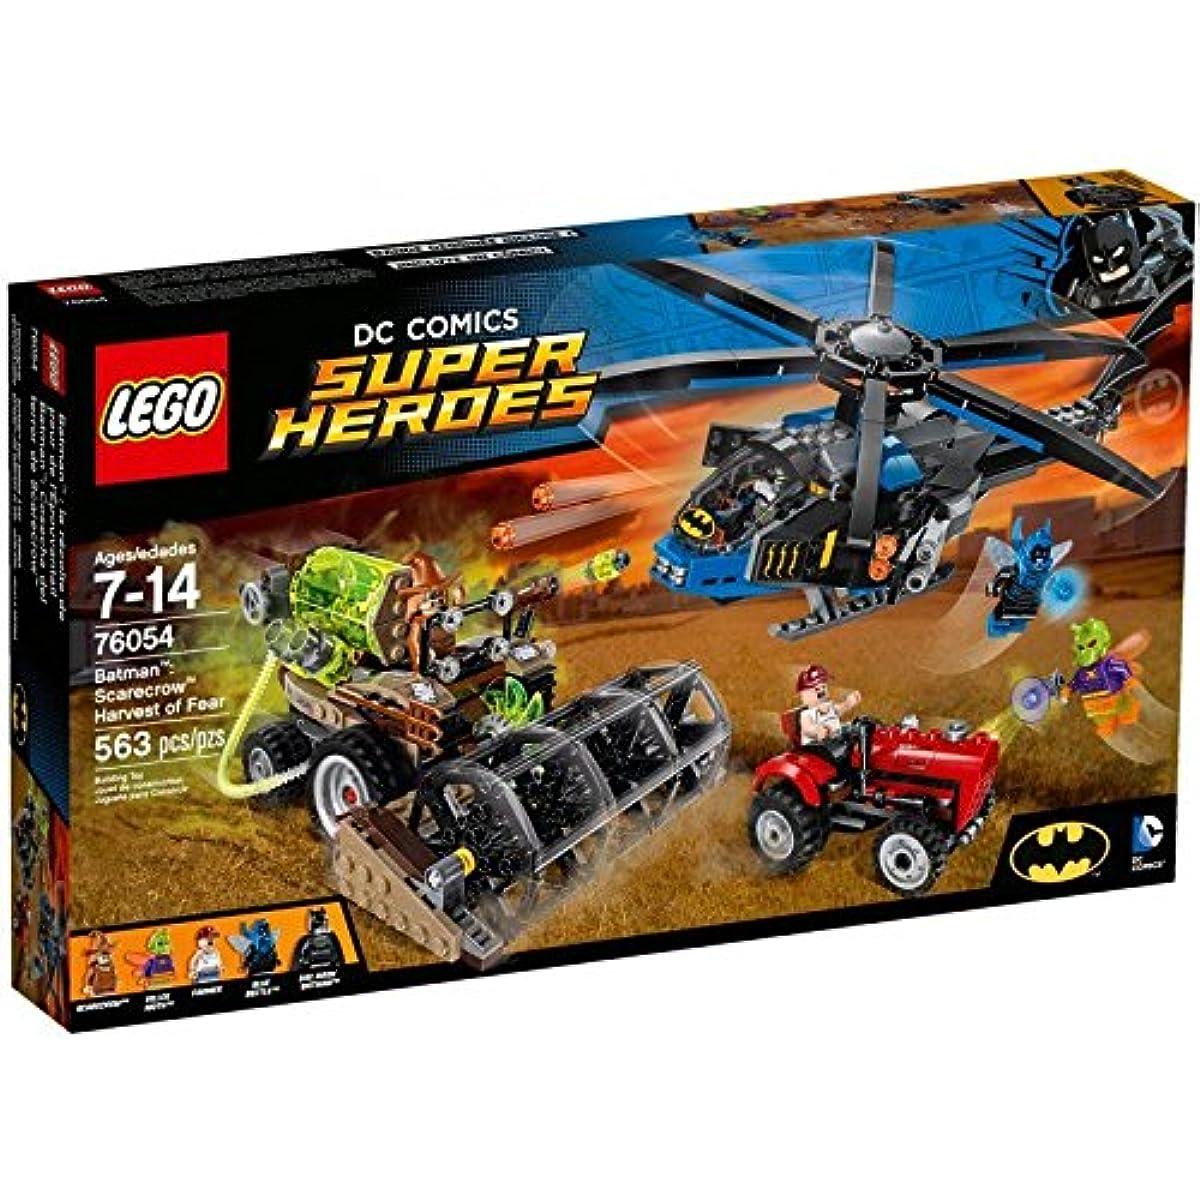 [해외] 레고 (LEGO) 슈퍼히어로즈 배트맨:스케어크로우 공포의 수확 76054-76054 (2016-06-03)